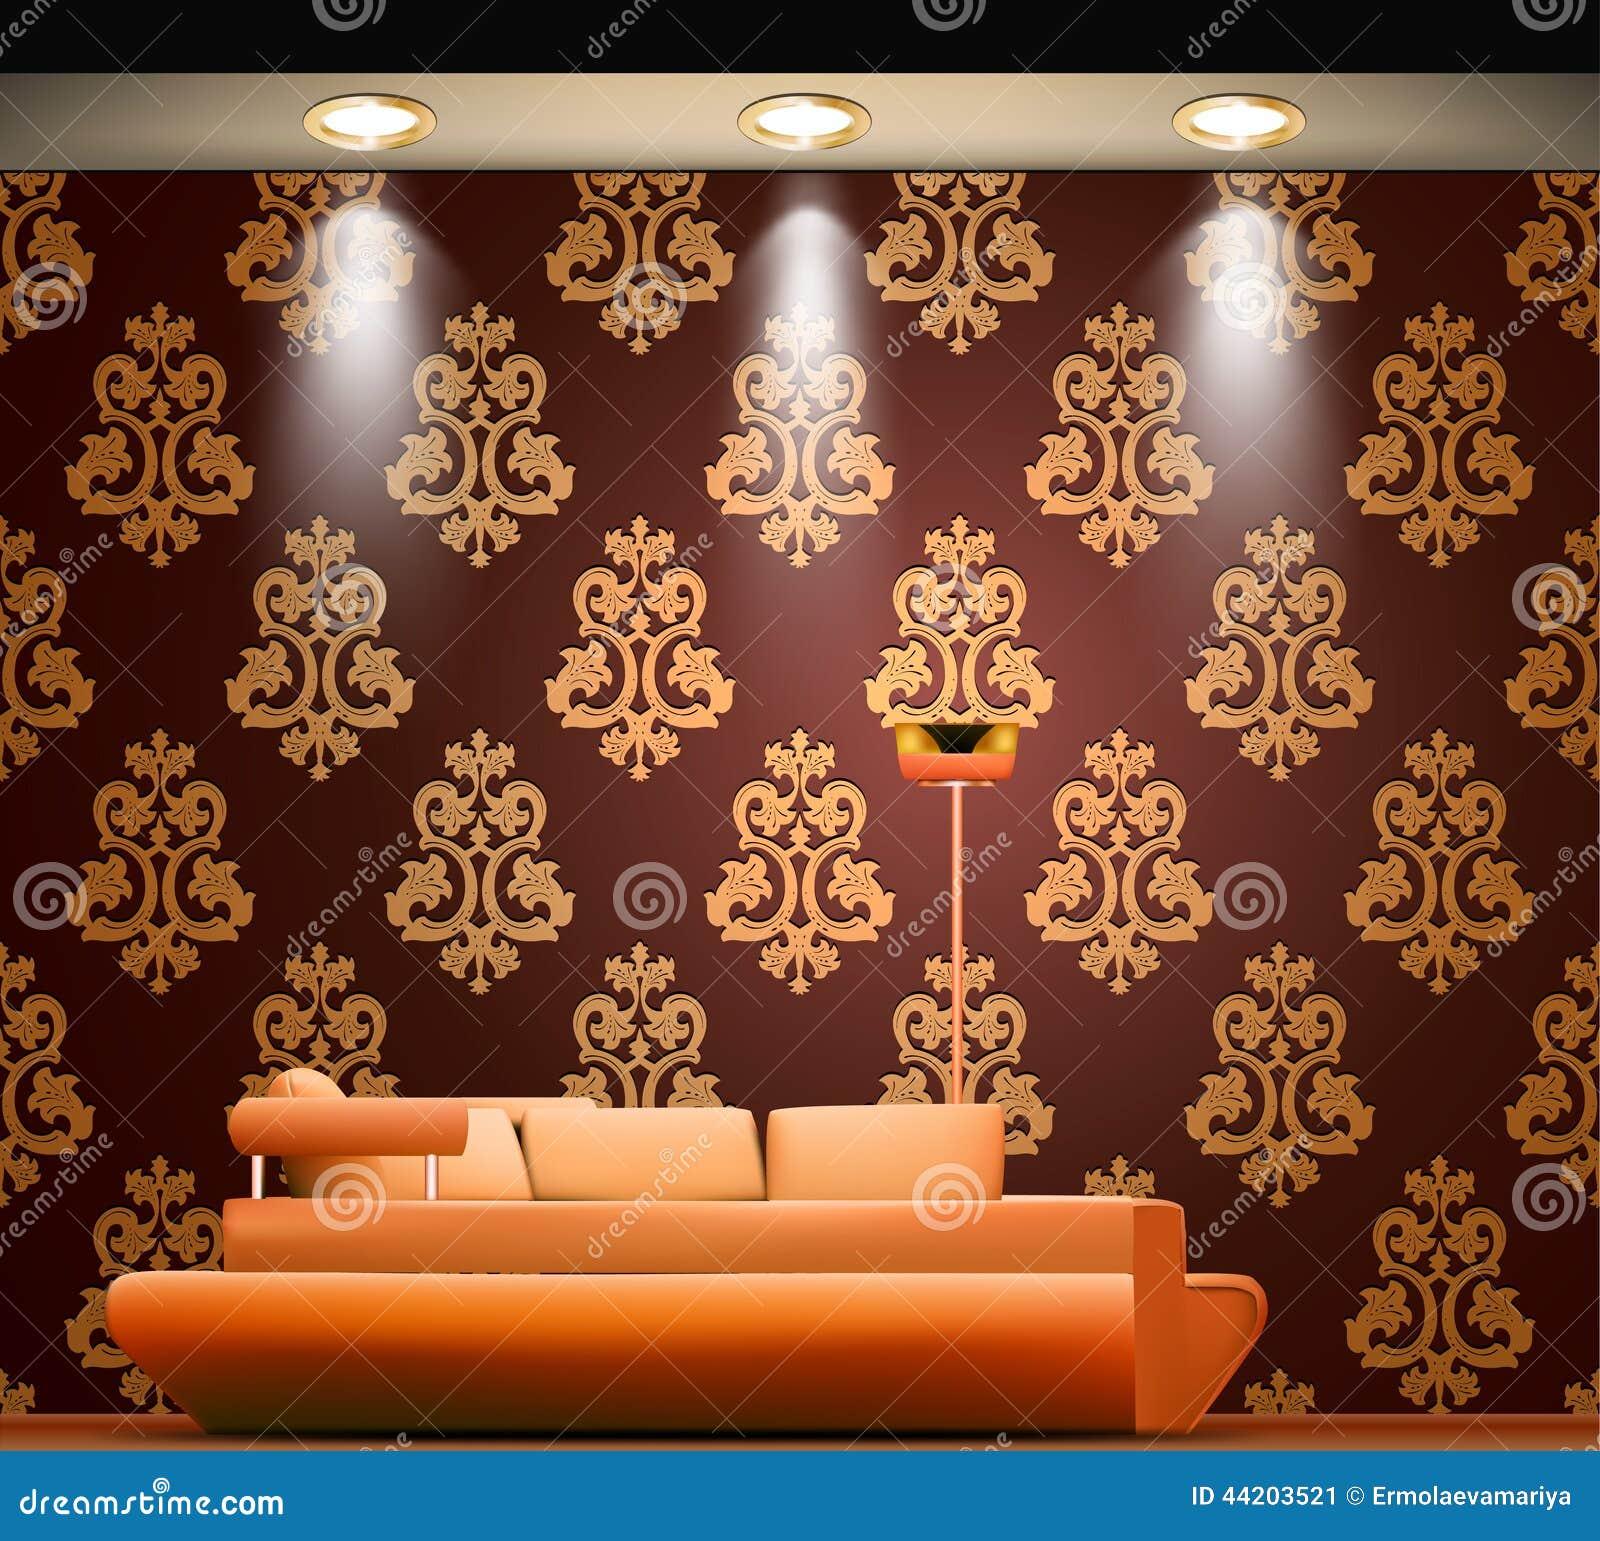 Pokój z kanapą i źródłami światła wektor